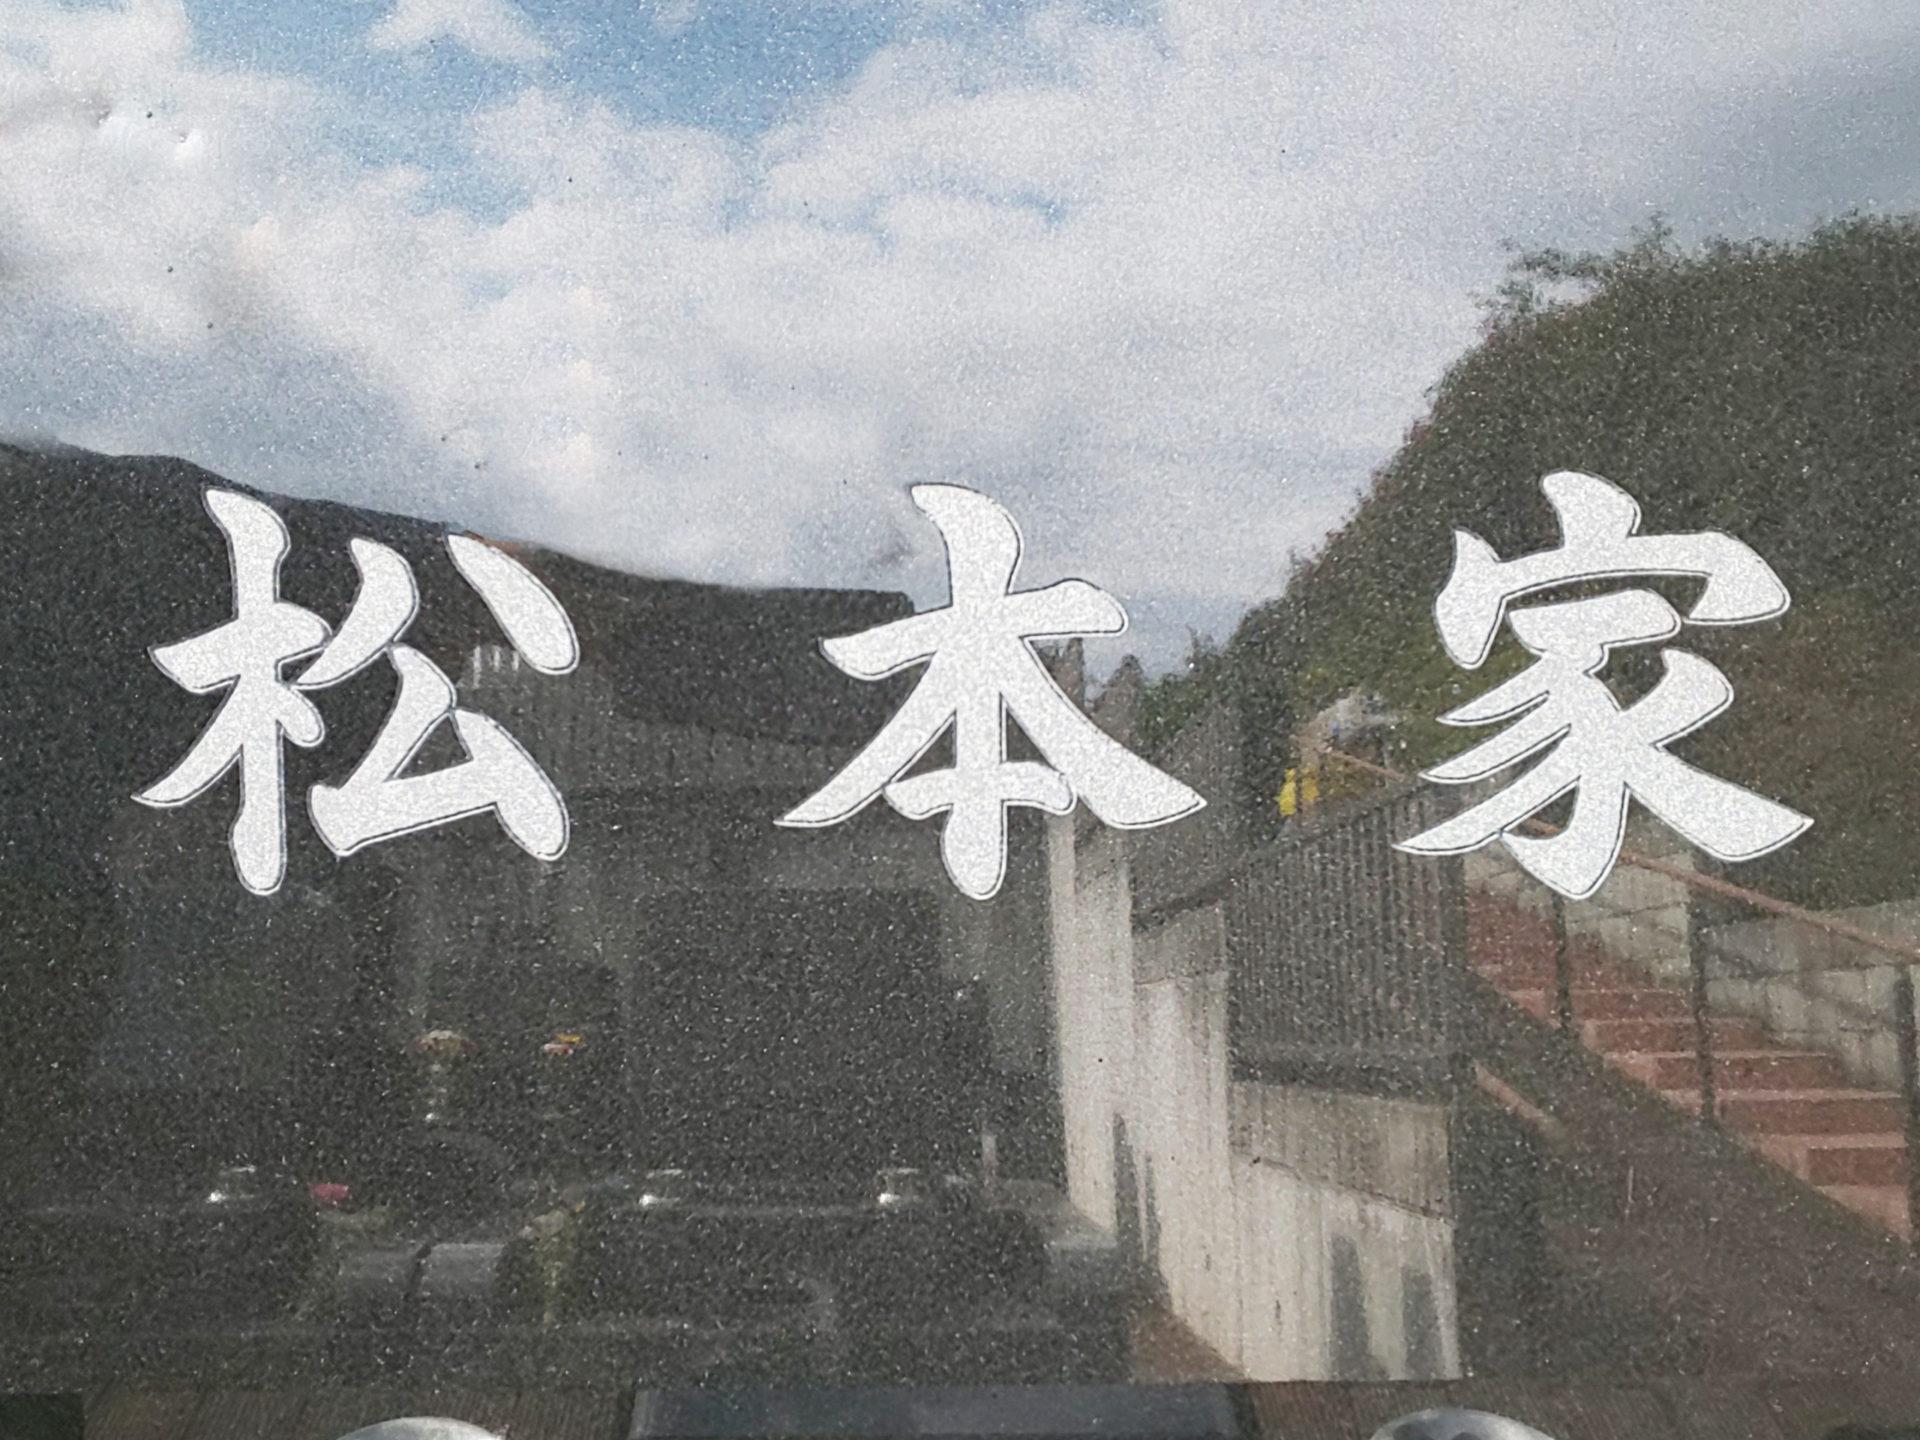 川口フォーシーズン<br>松本家墓石工事